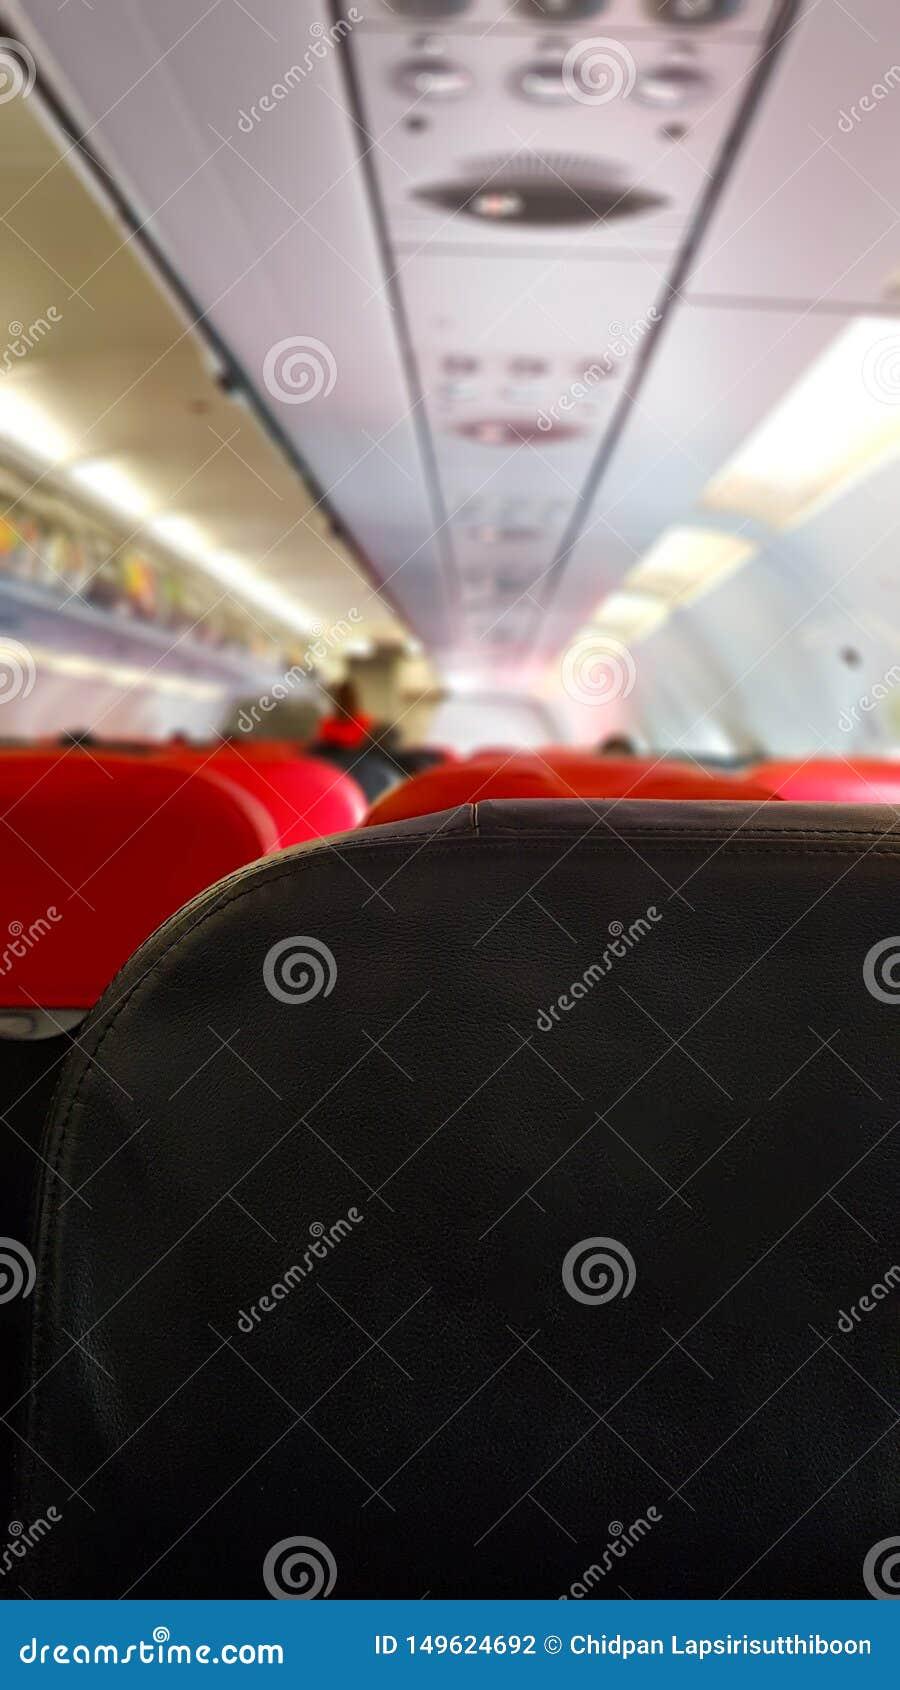 在飞机和职员的服务大气上的乘客在飞机上的